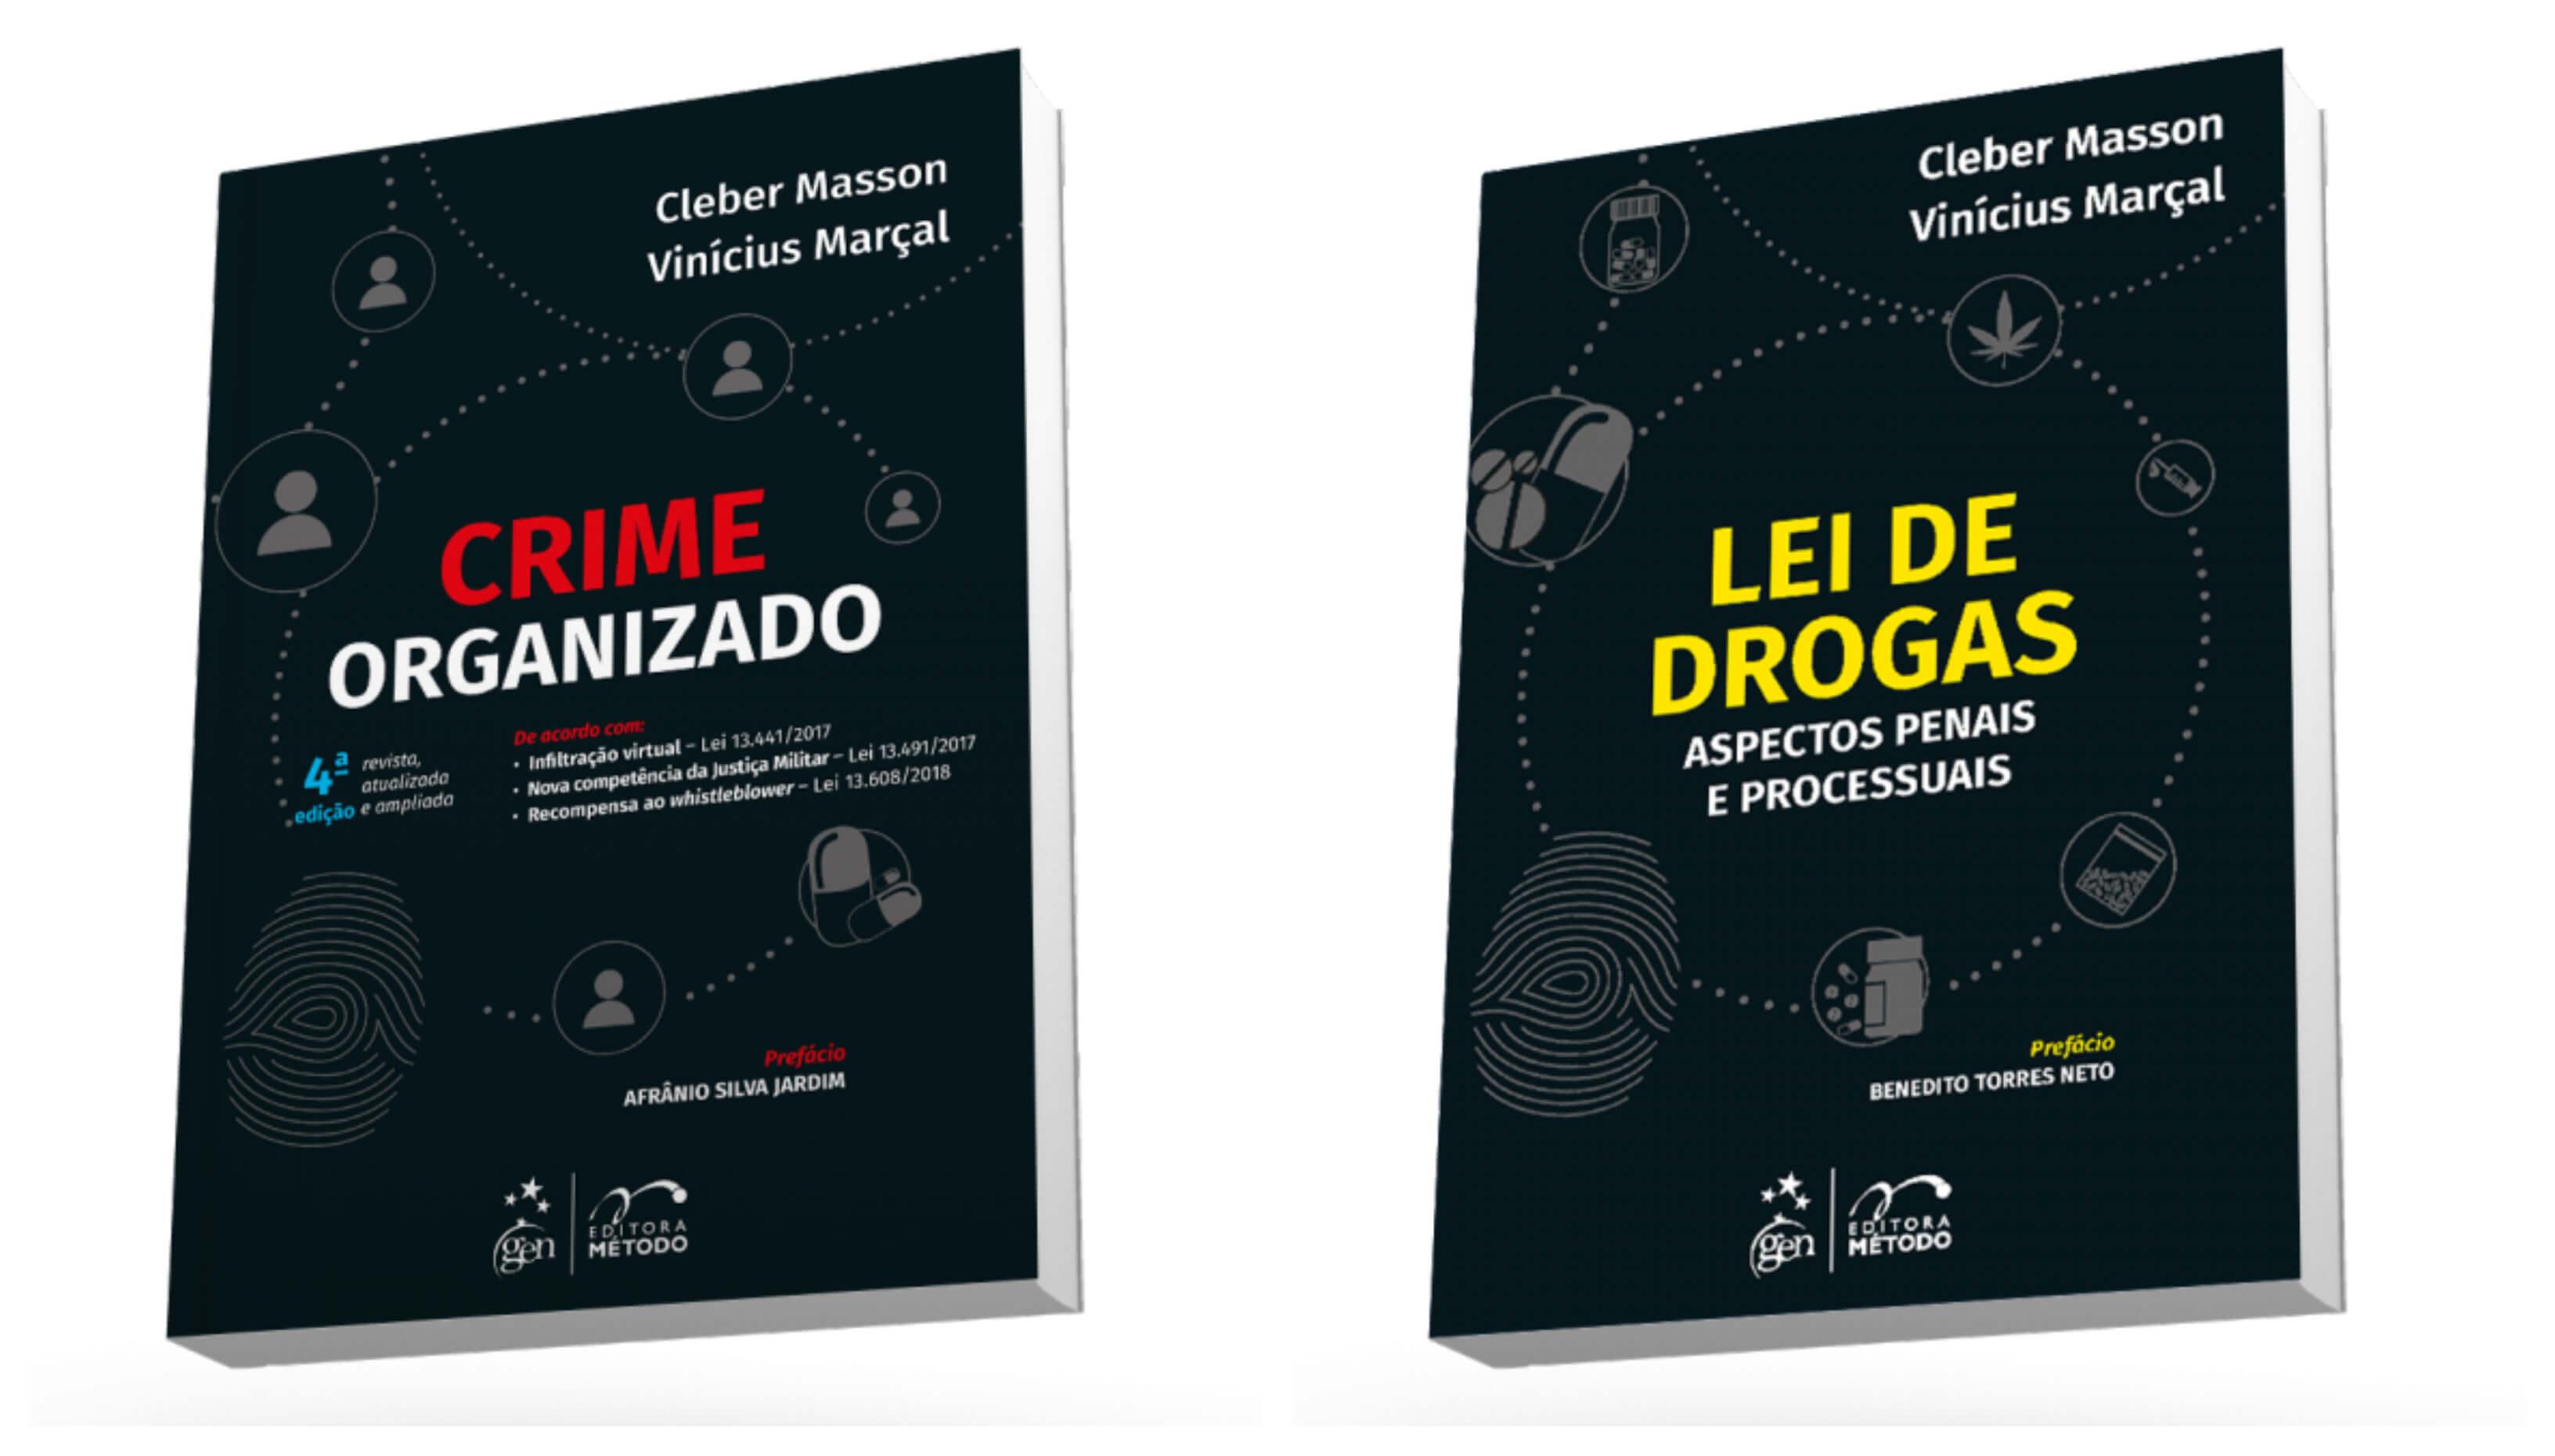 crime organizado leis drogas